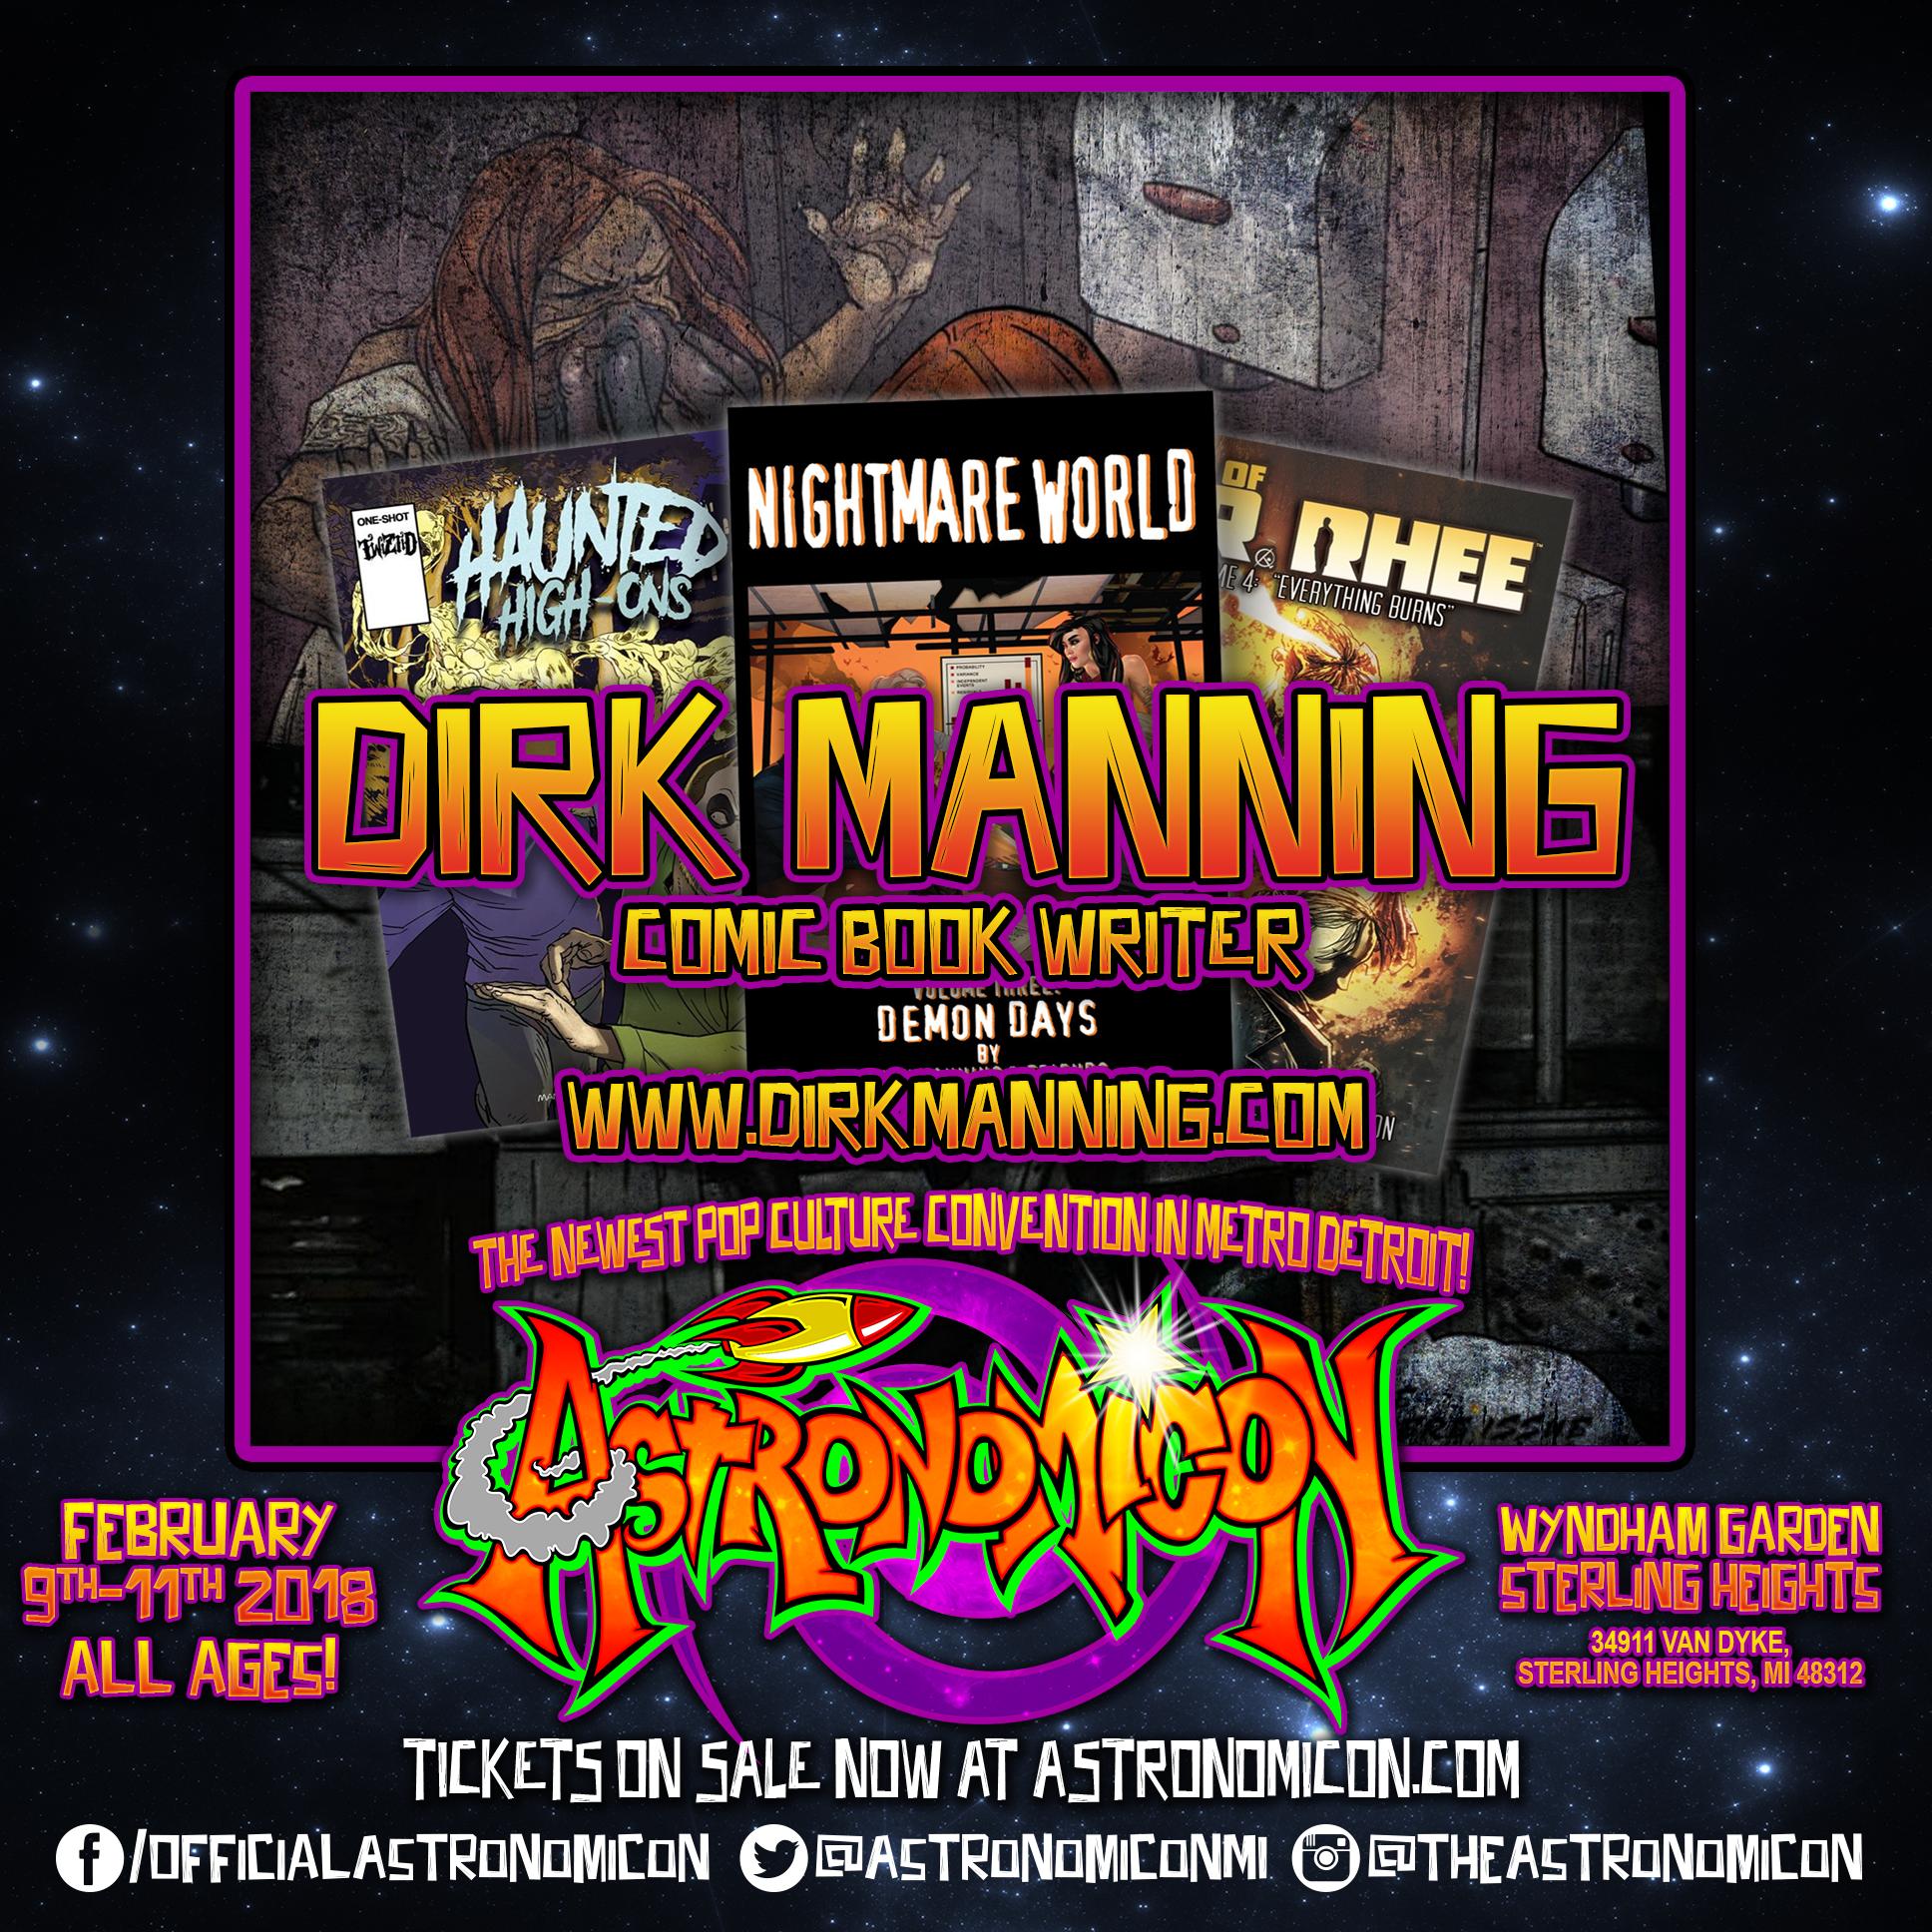 Dirk Manning -  http://www.dirkmanning.com